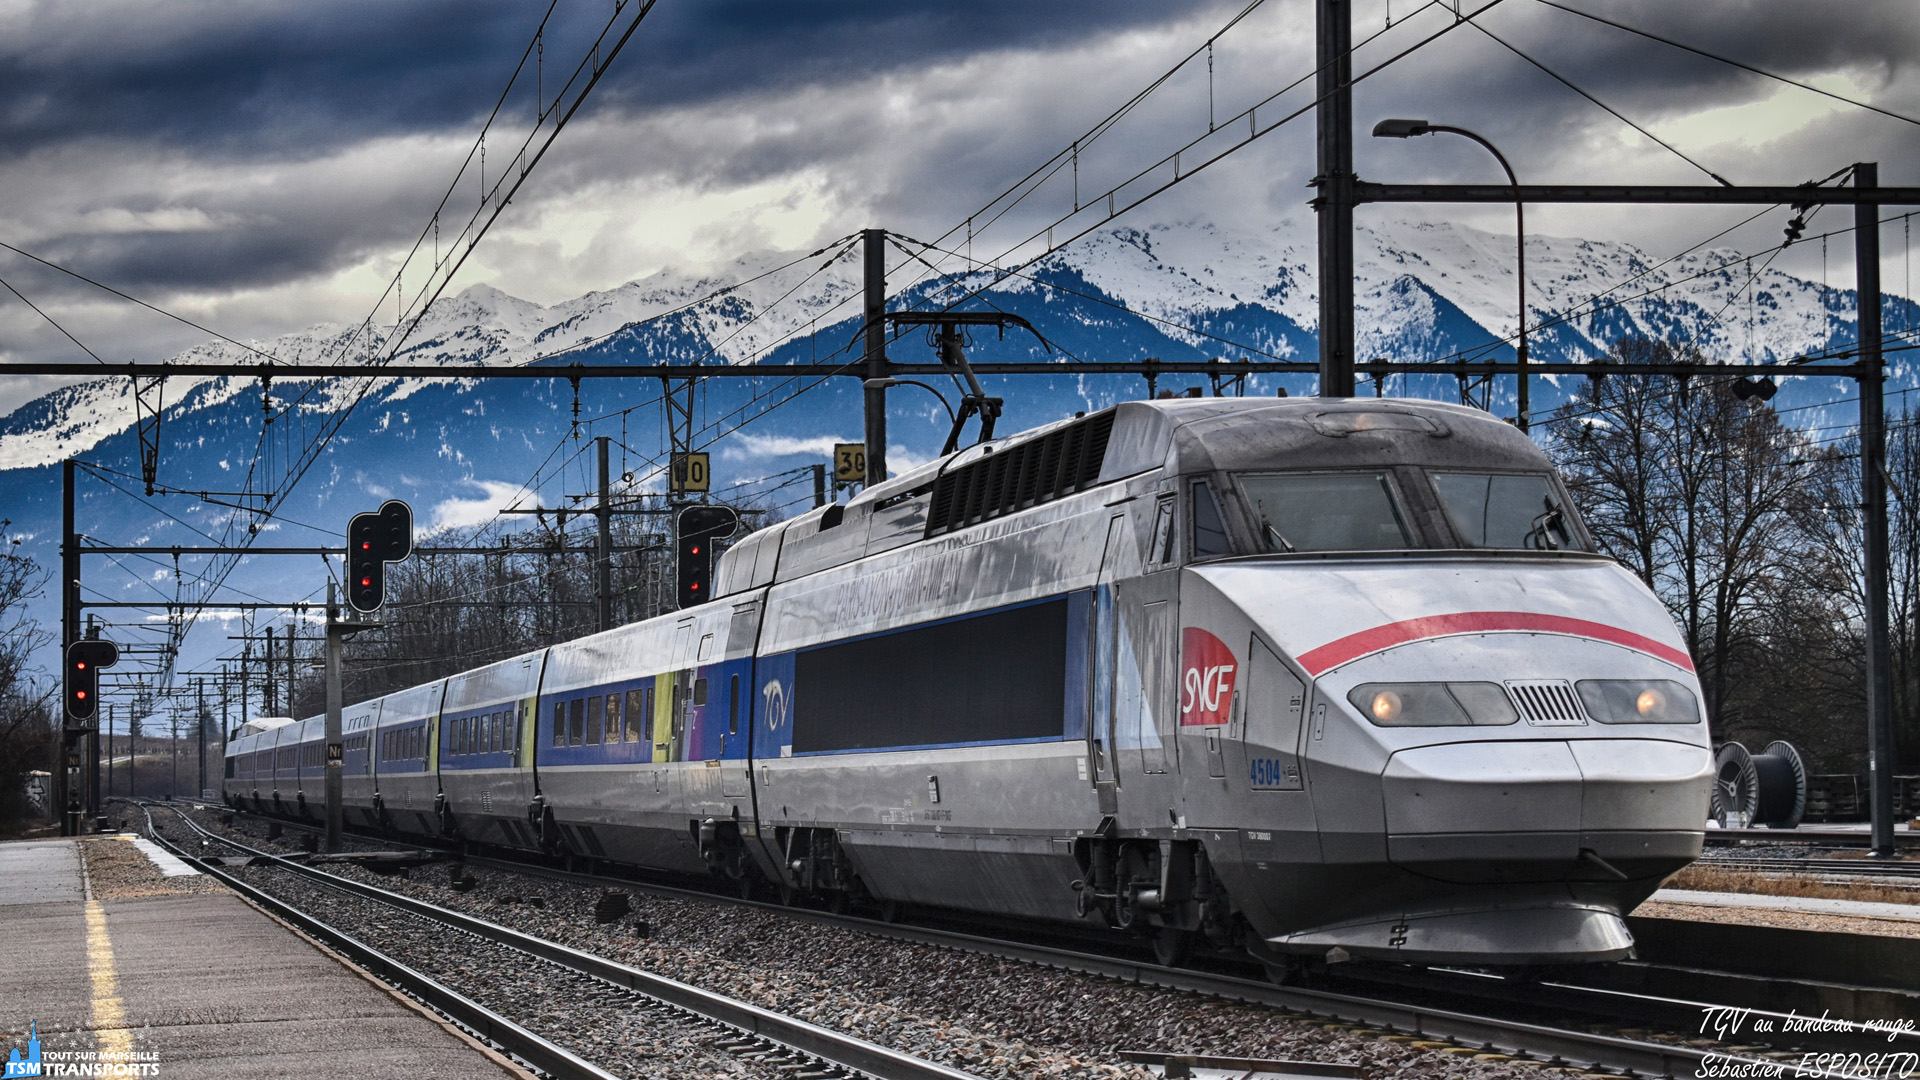 Je continue mon périple en Savoie, avec le passage en Gare de Saint-Pierre d'Albigny de ce TGV Tricourant franco italien qui passe à faible allure sur la voie centrale de la gare. . ℹ️ Alstom TGV Réseau Tricourant SNCF n°4504. . 📍 Gare de Saint Pierre d'Albigny, Route de la Gare, 73250, Saint Pierre d'Albigny. . 📸 Nikon D5600. . 📷 Nikkor 18-55mm. . 📅 9 Février 2019 à 10:16. . 👨 Sébastien ESPOSITO.